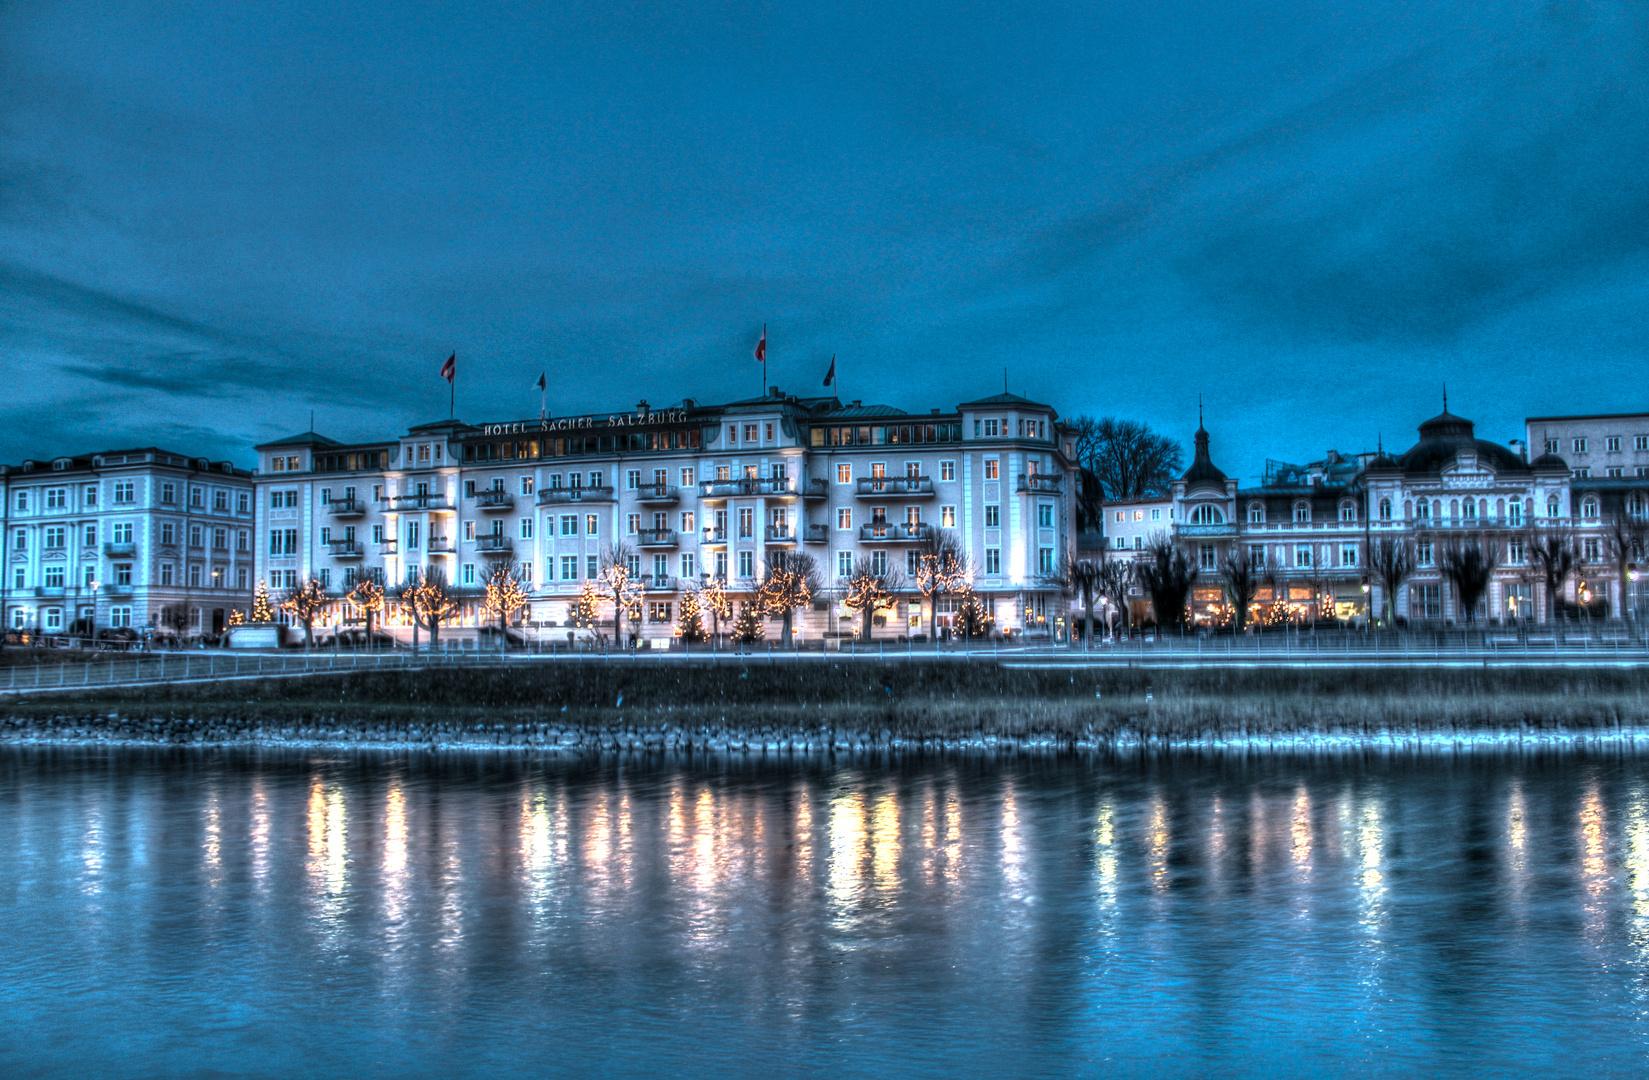 Salzburg31.12.2012